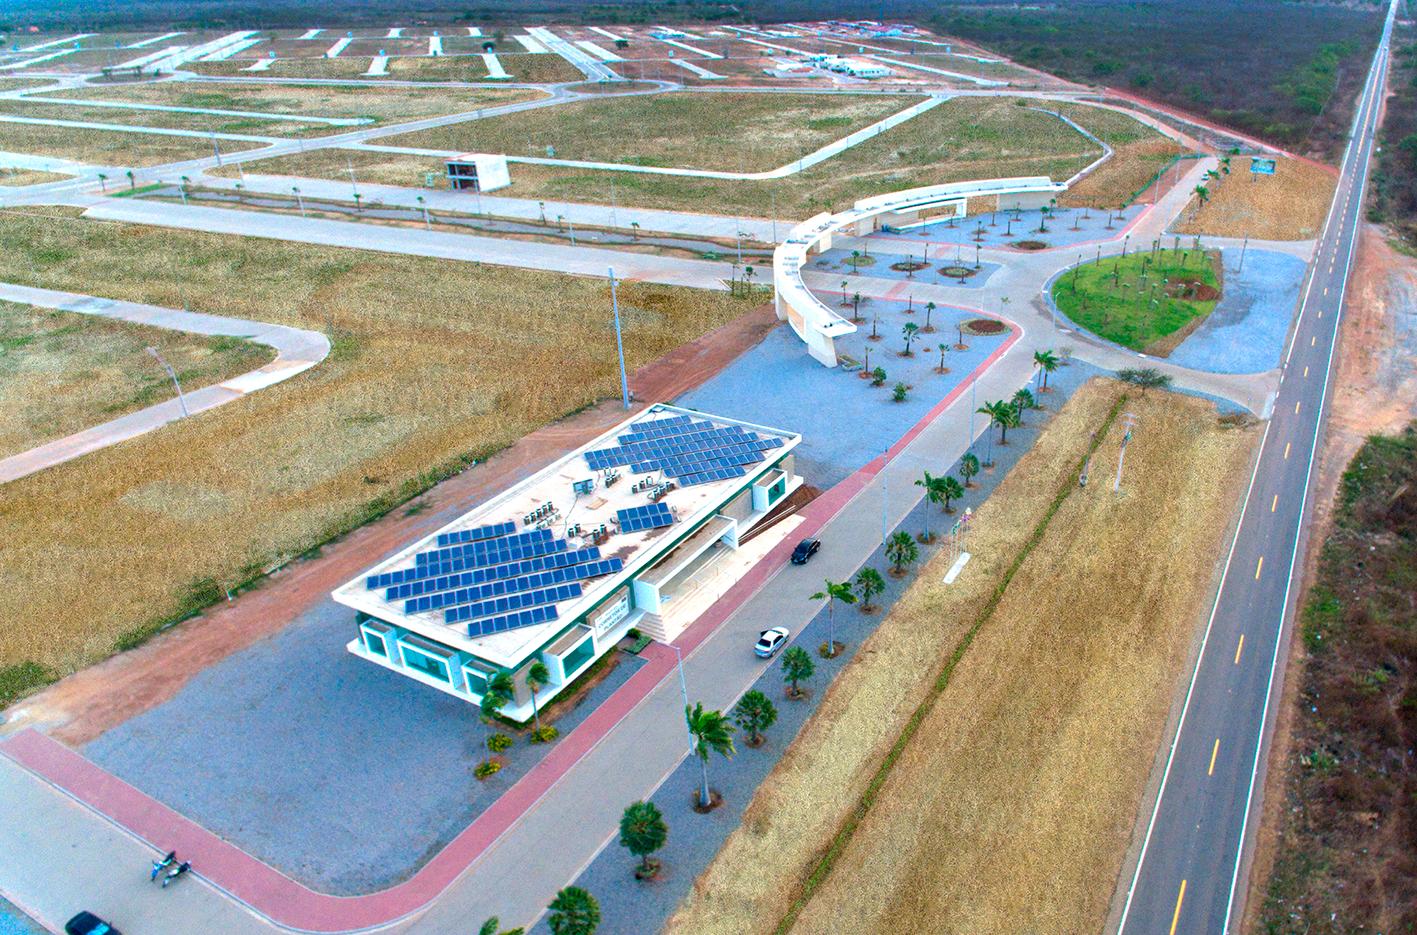 """Empresa planeja construir 10 """"cidades inteligentes"""" no Brasil até 2022"""